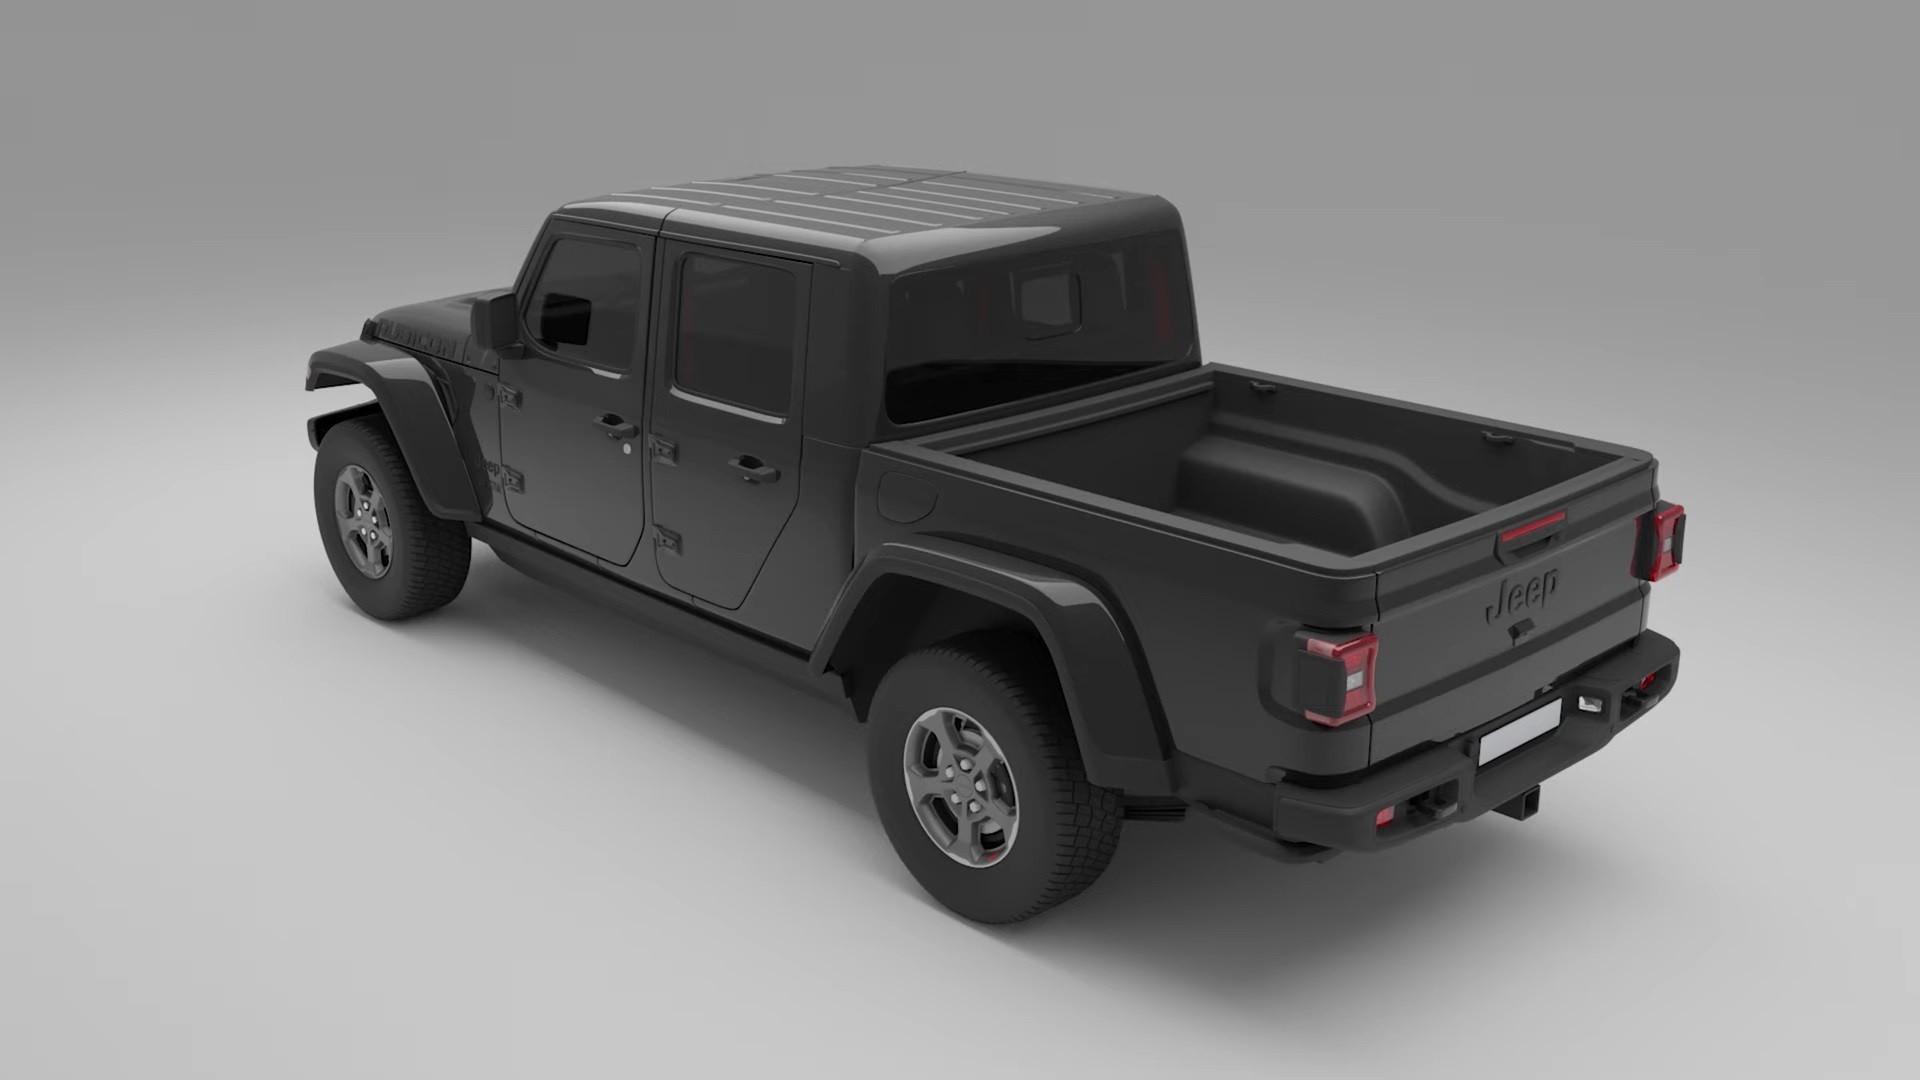 Jeep_Gladiator_Rubicon_by_Prior_Design-0002